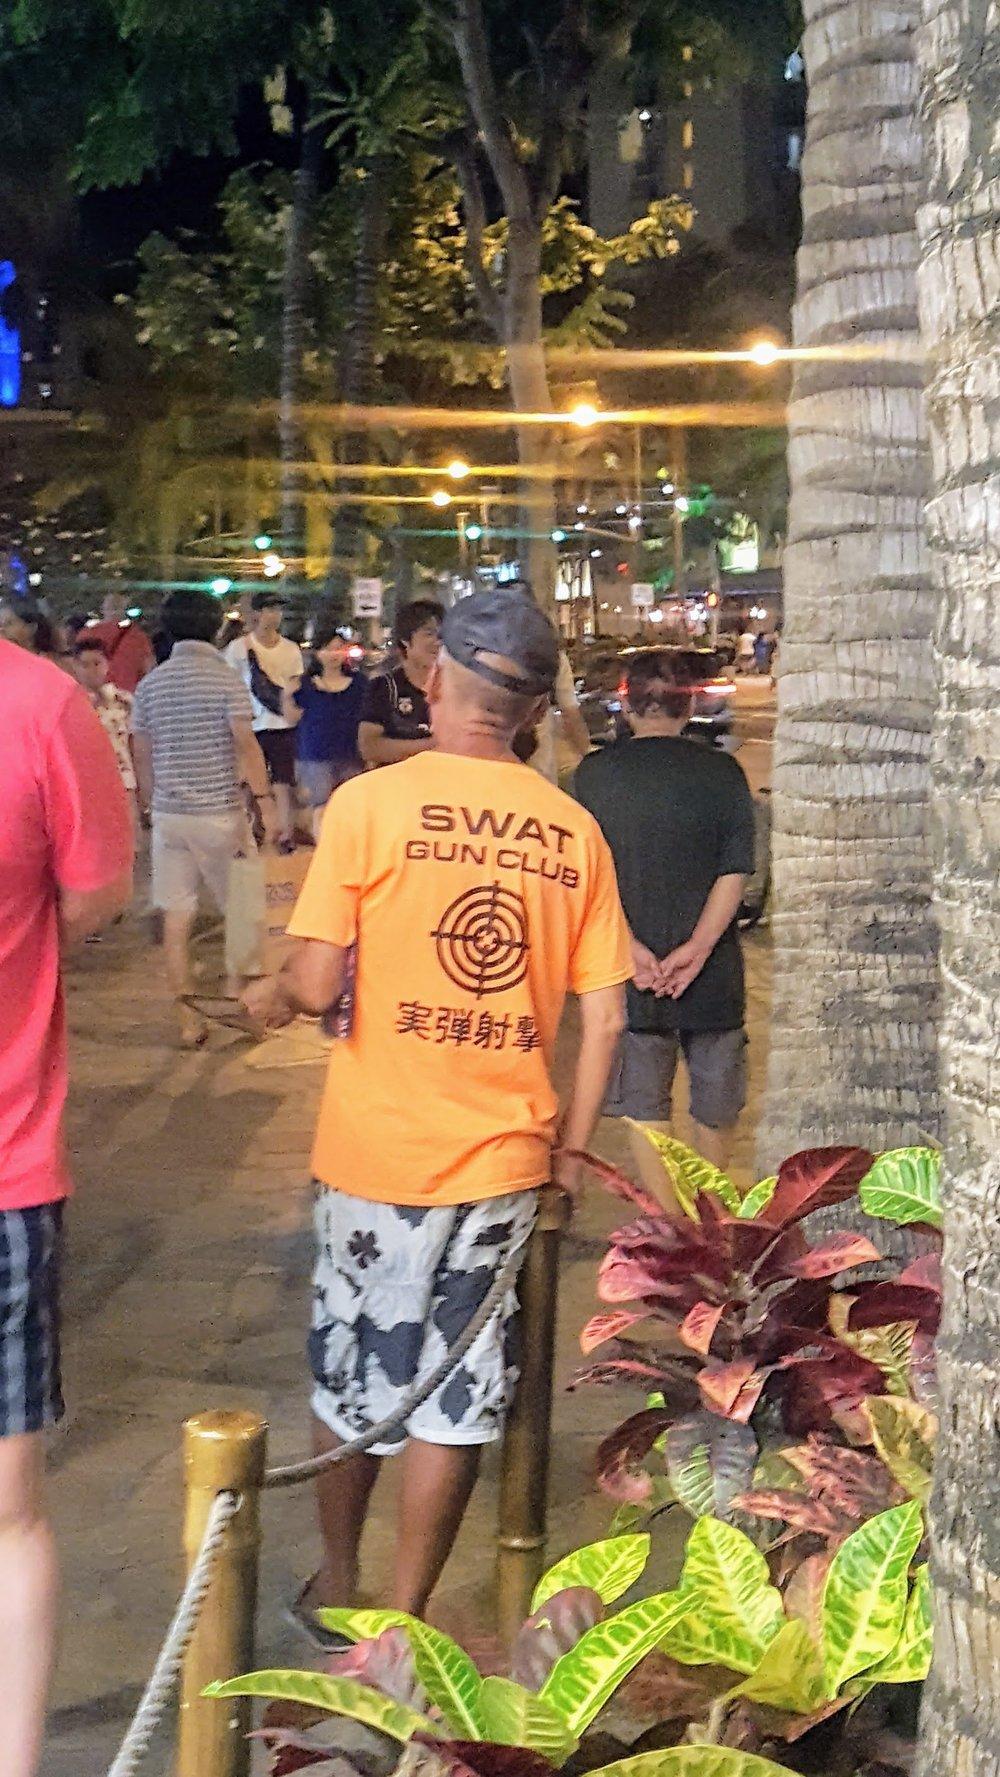 Panowie w takich koszulkach regularnie kręcą się w centrum Waikiki, gdzie przebywa najwięcej turystów. Większość osób, które decydują się na wizytę na strzelnicy, to Japończycy.